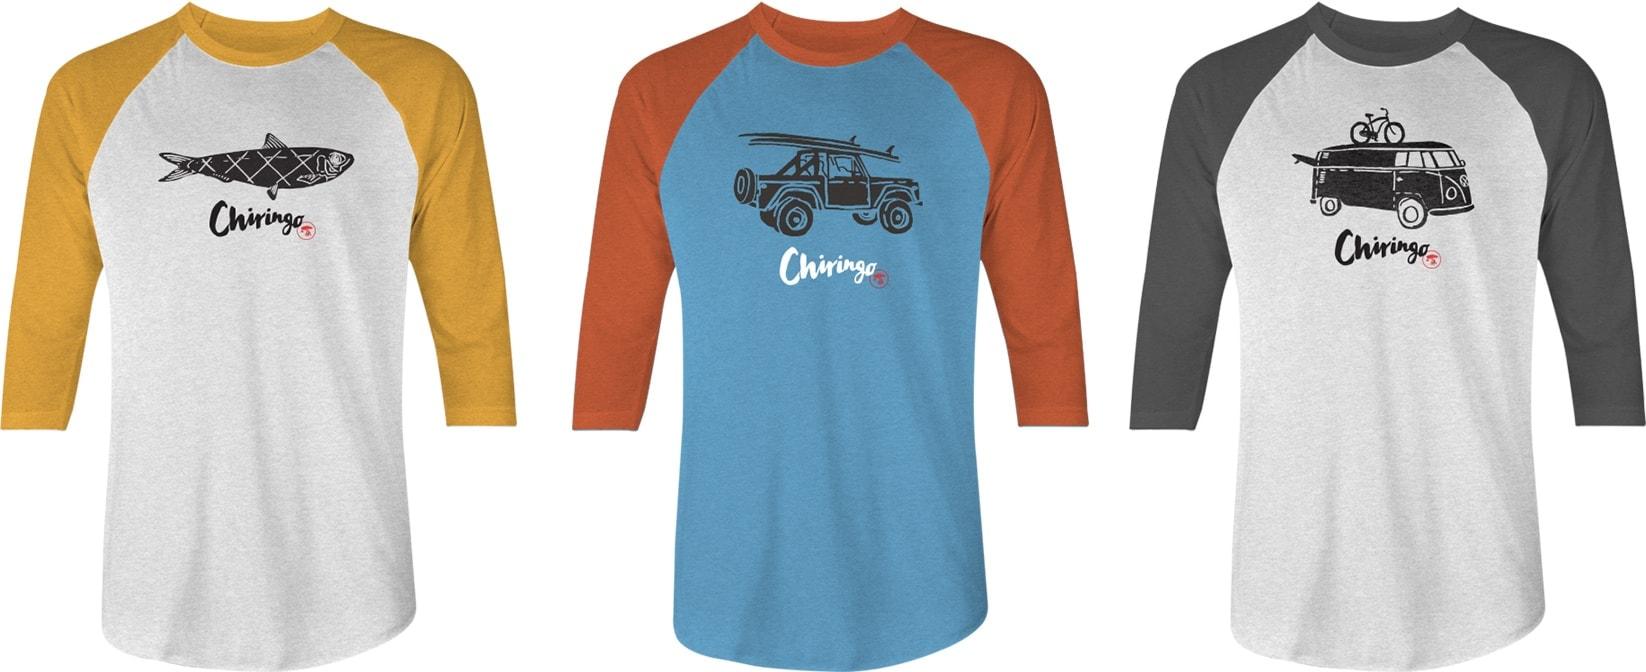 chiringo-06-shirts